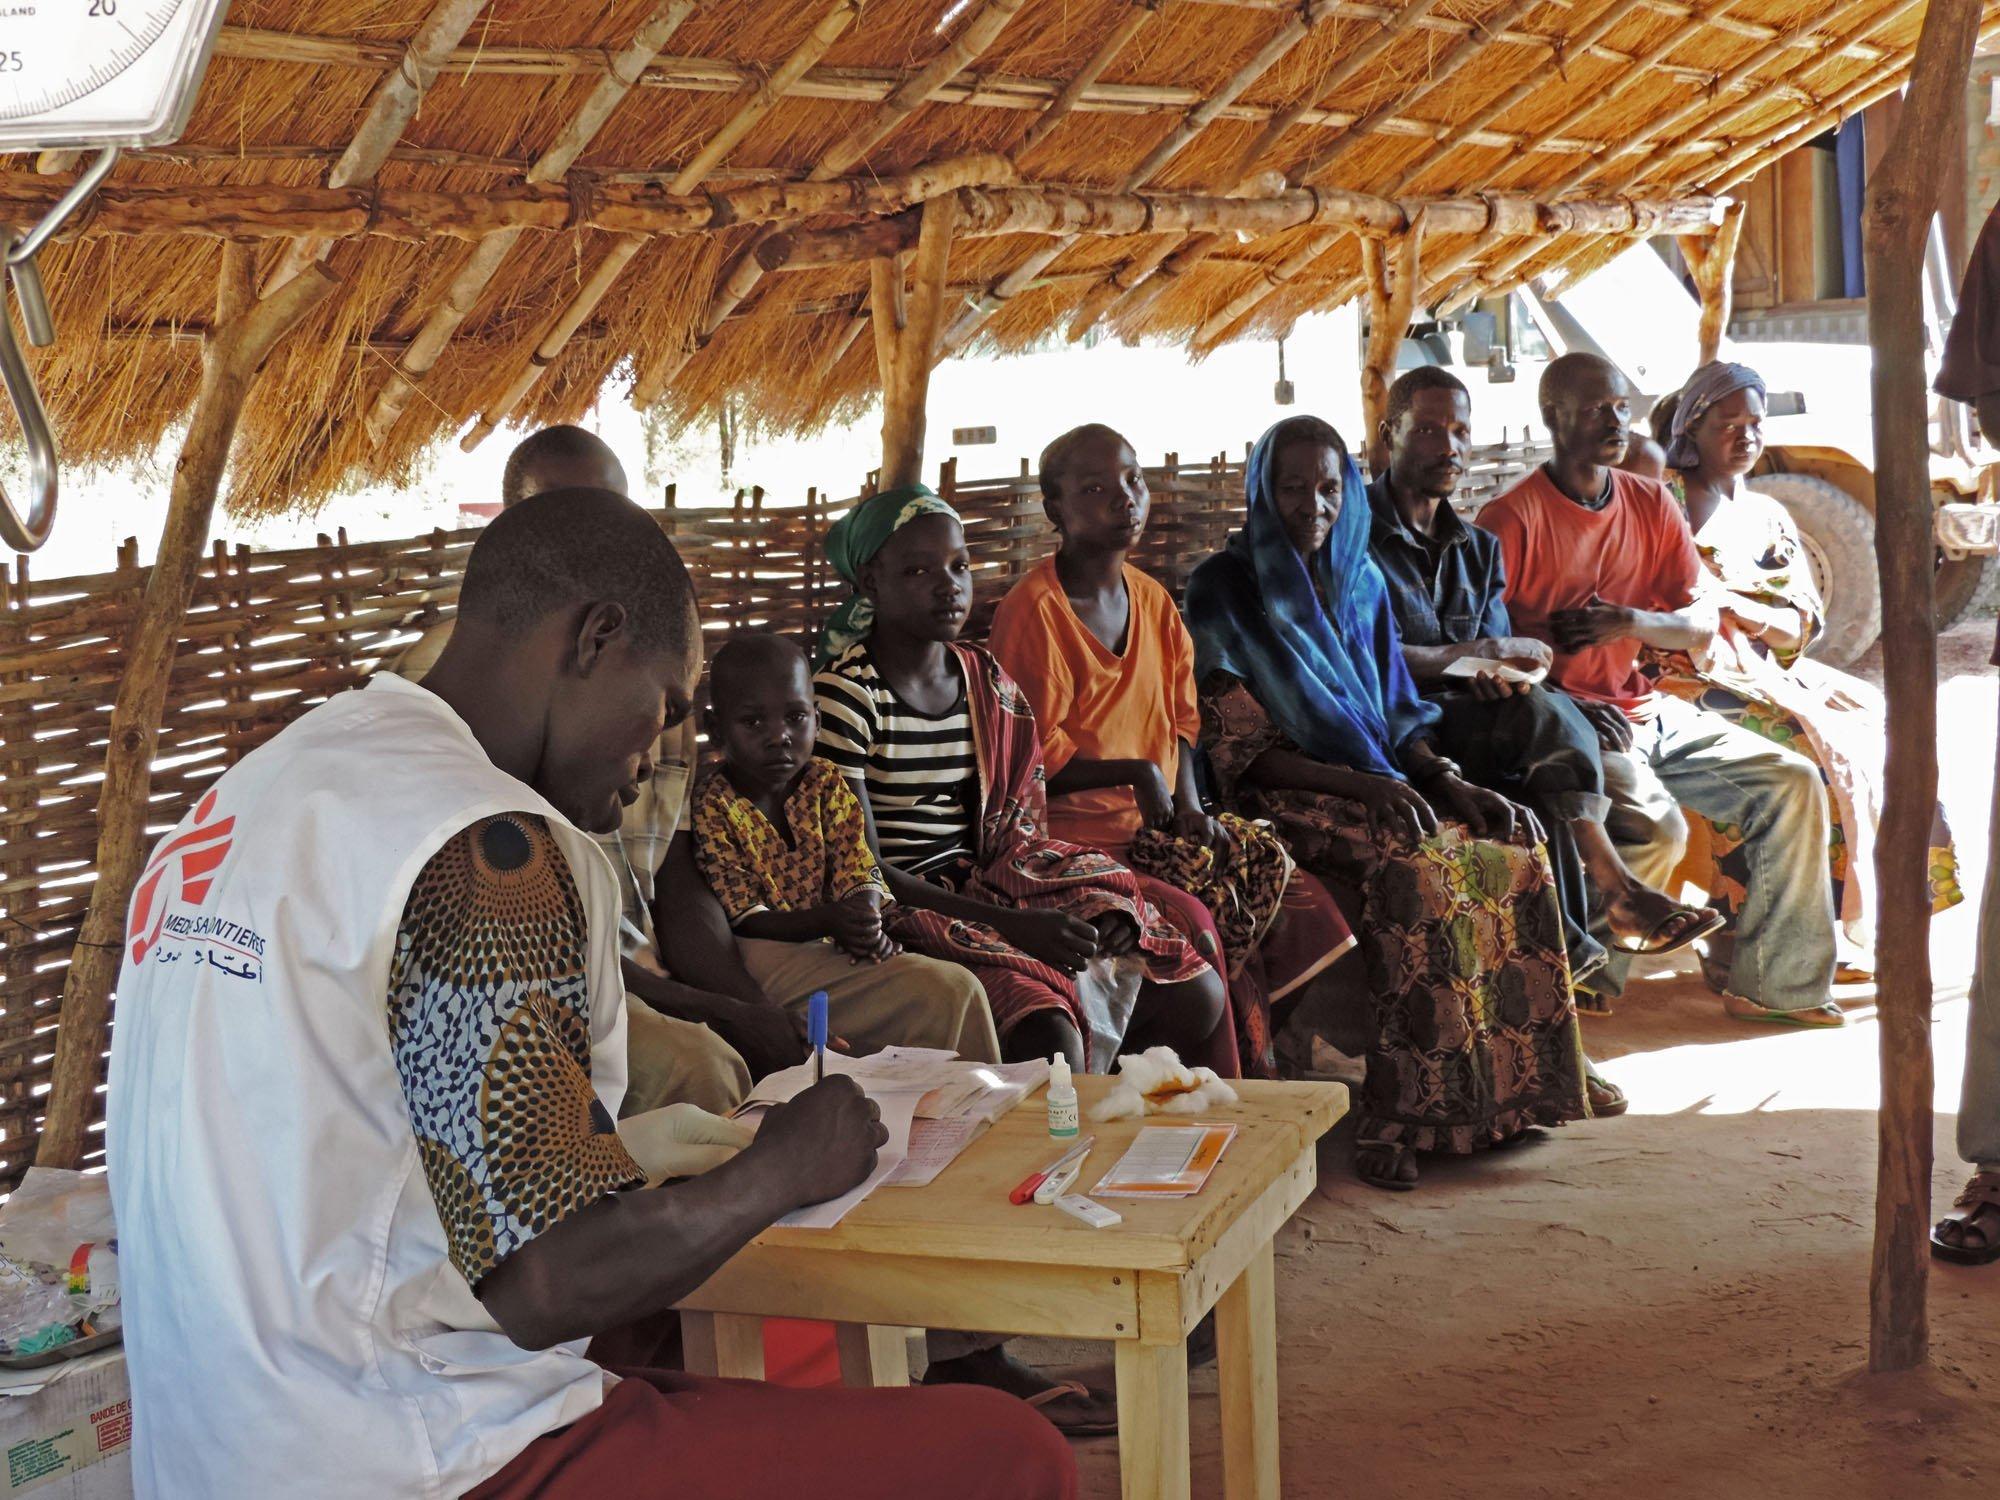 無國界醫生隊伍在卡博城鎮邊緣開設流動診所和支援醫療中心。©María SIMÓN